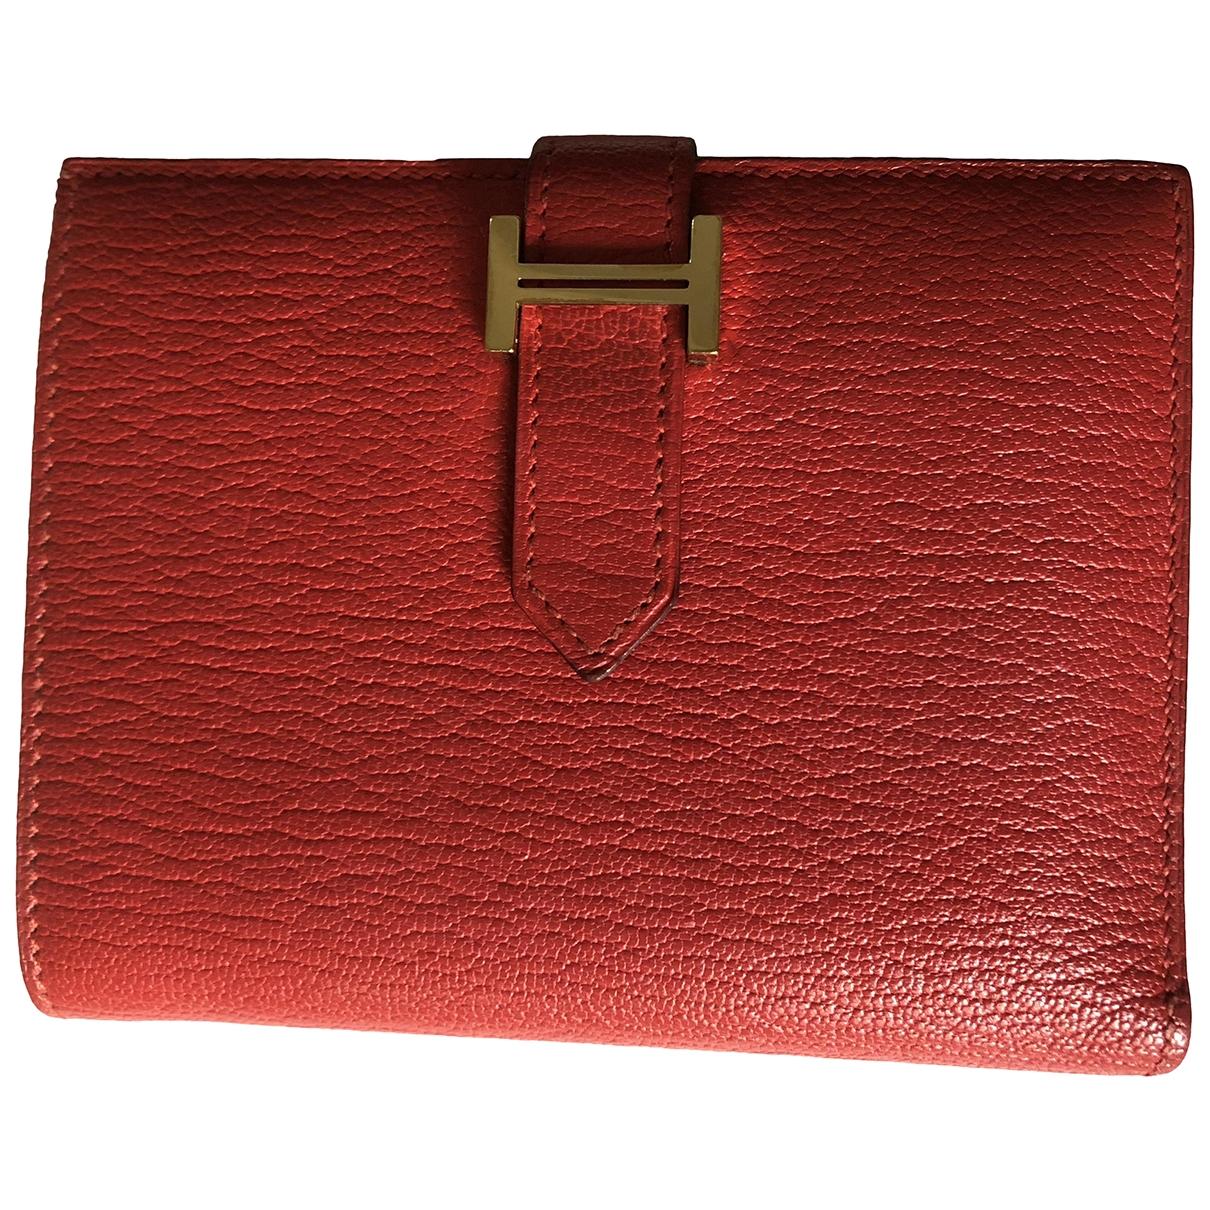 Hermes Bearn Portemonnaie in  Rot Leder